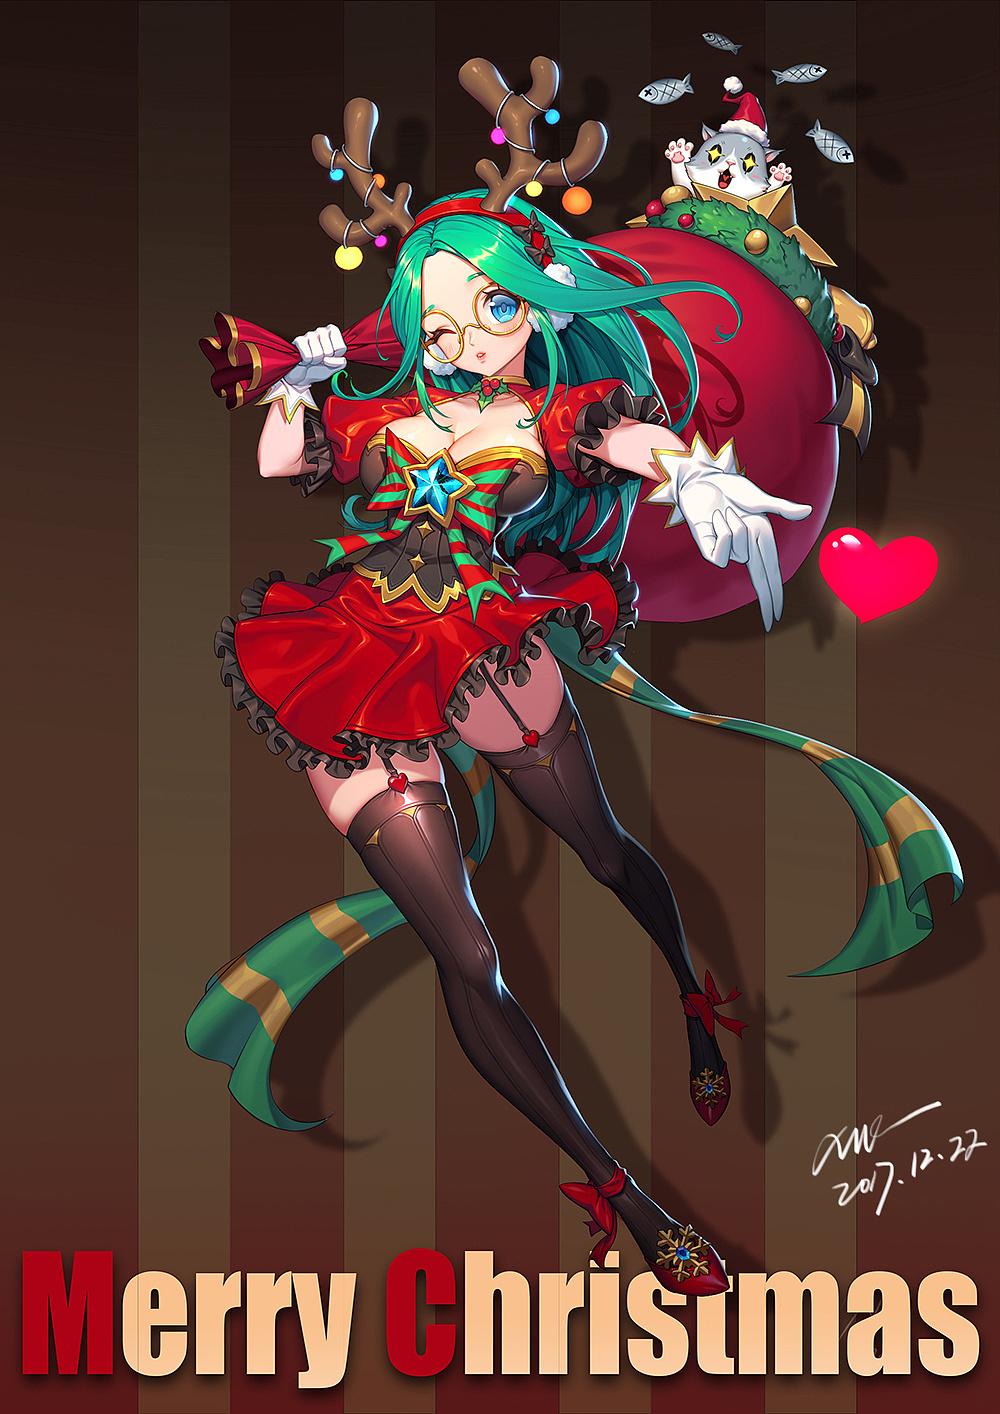 圣诞贺图插画插画习作XHE_ 原创作品 站酷 (ZCOOL) Anime christmas